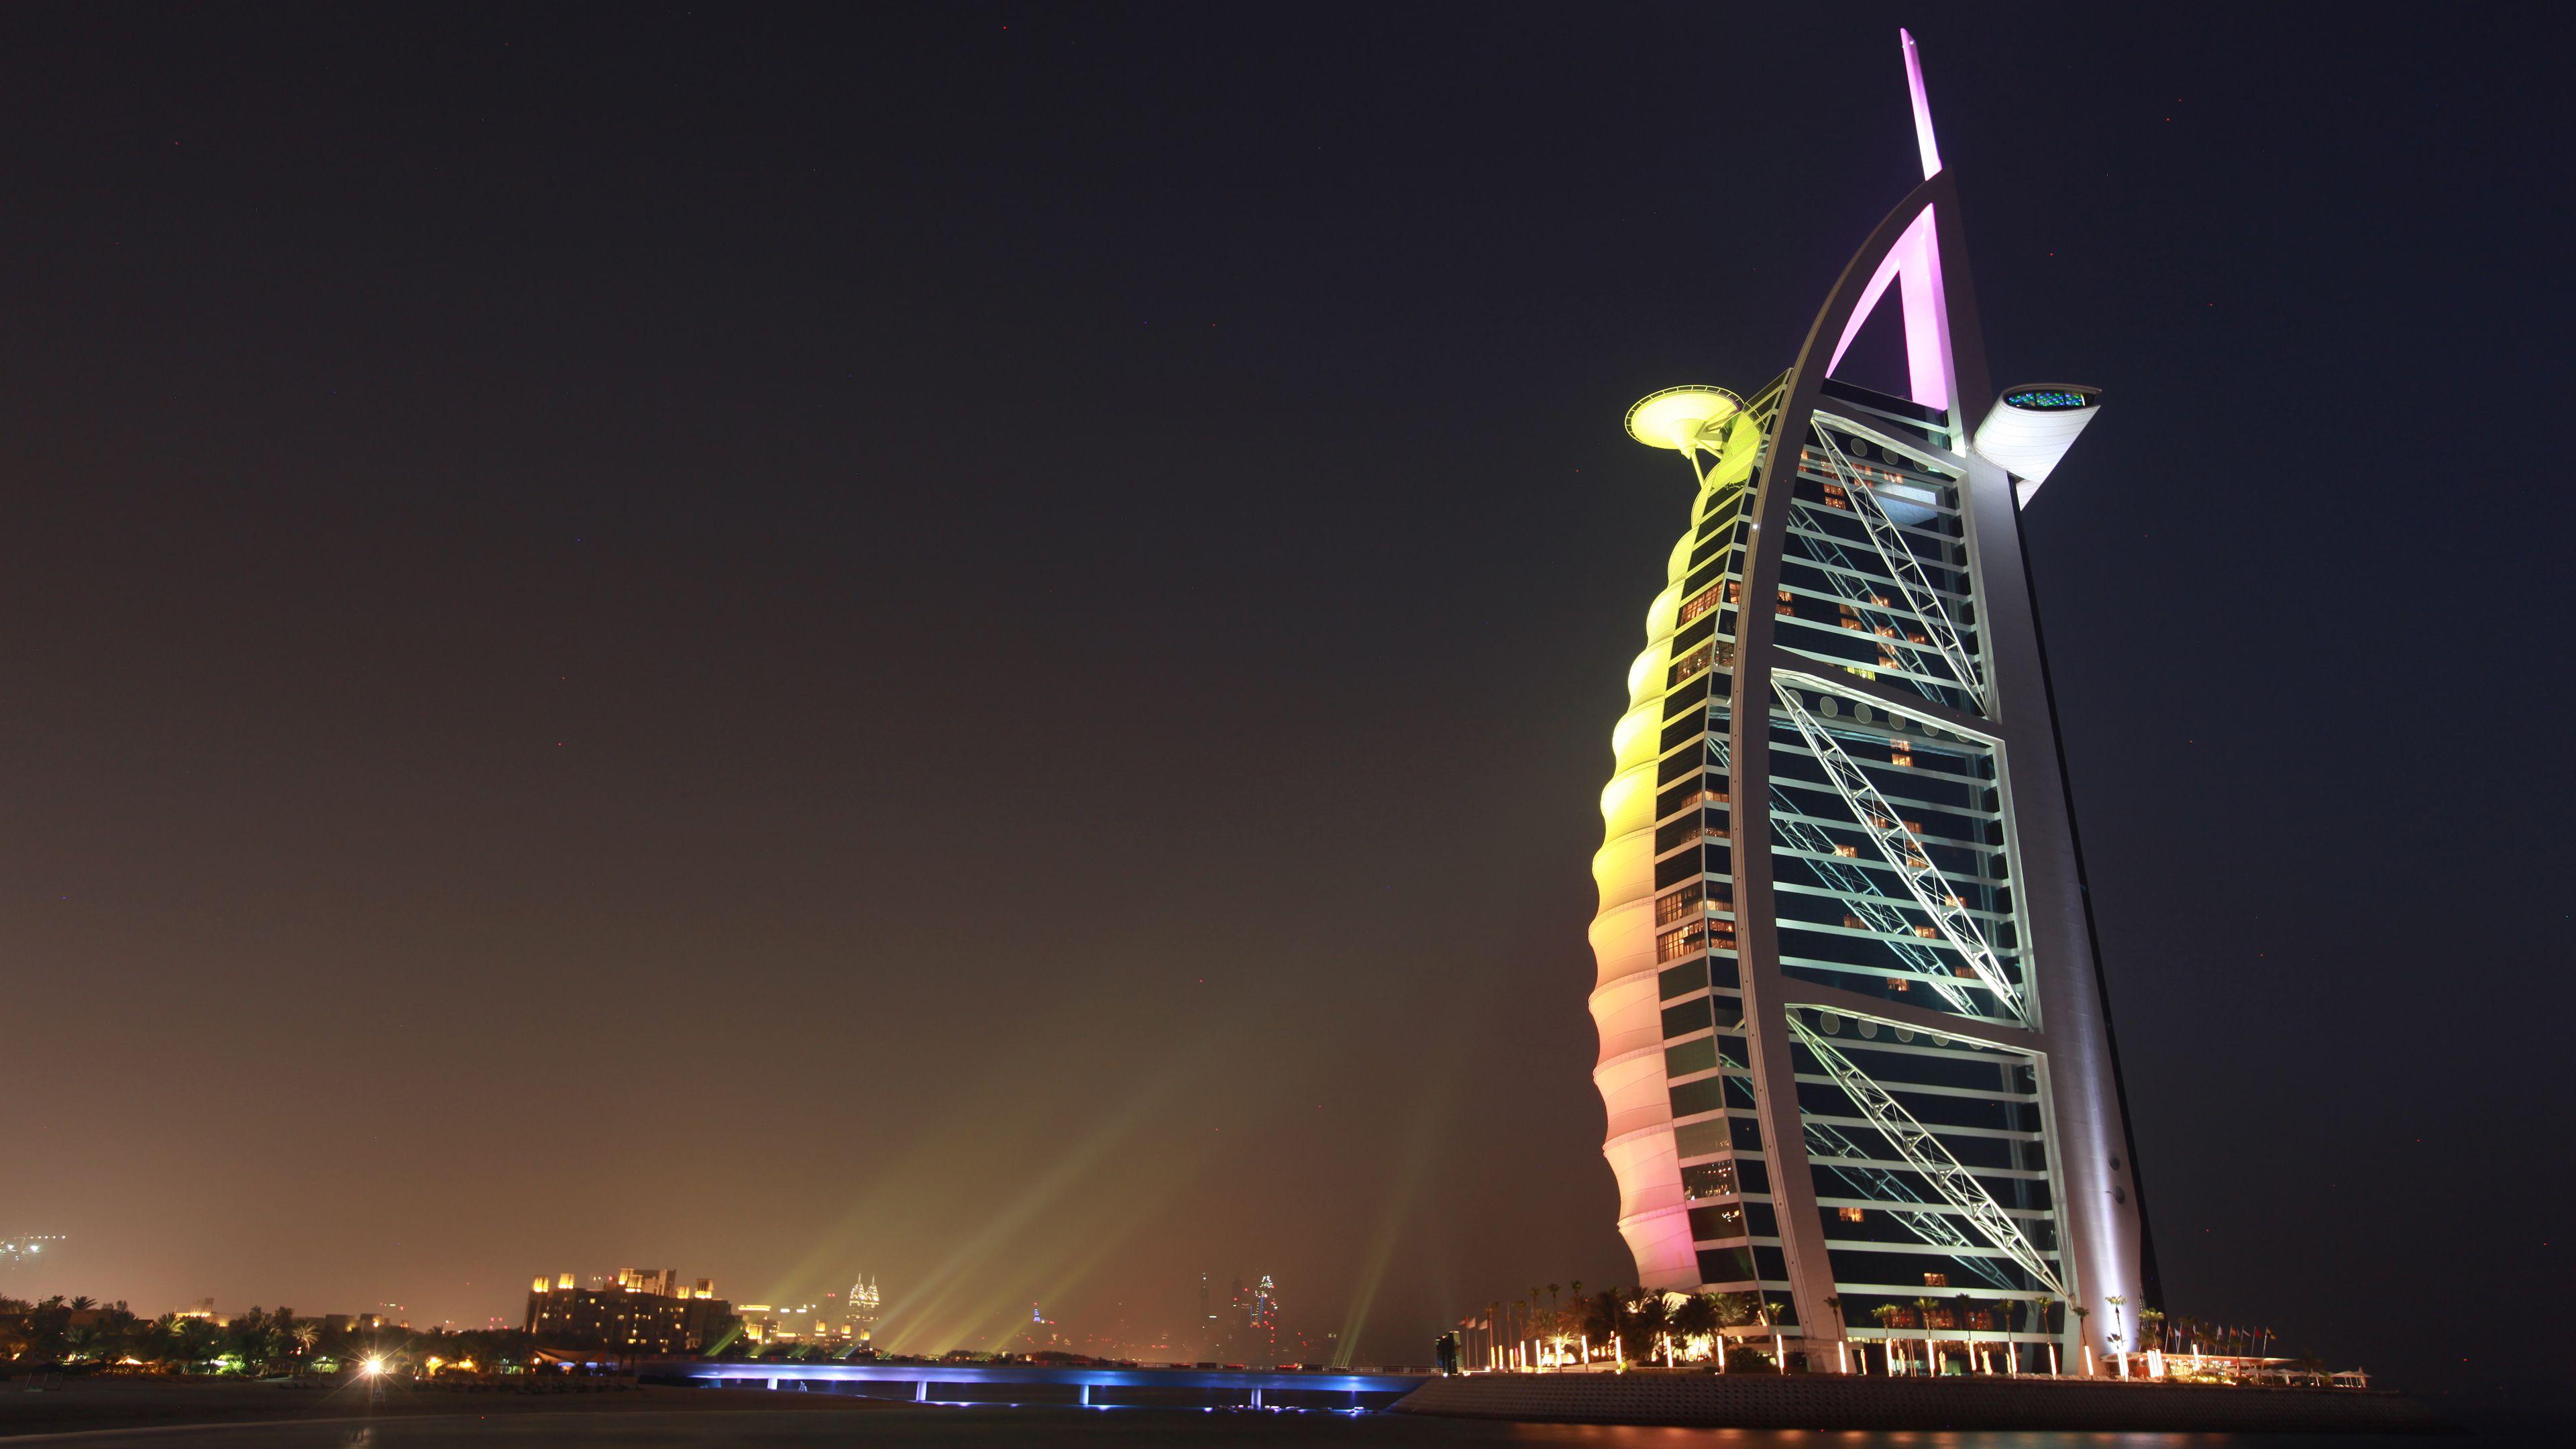 Burj Al Arab Dubai Wallpaper 4K